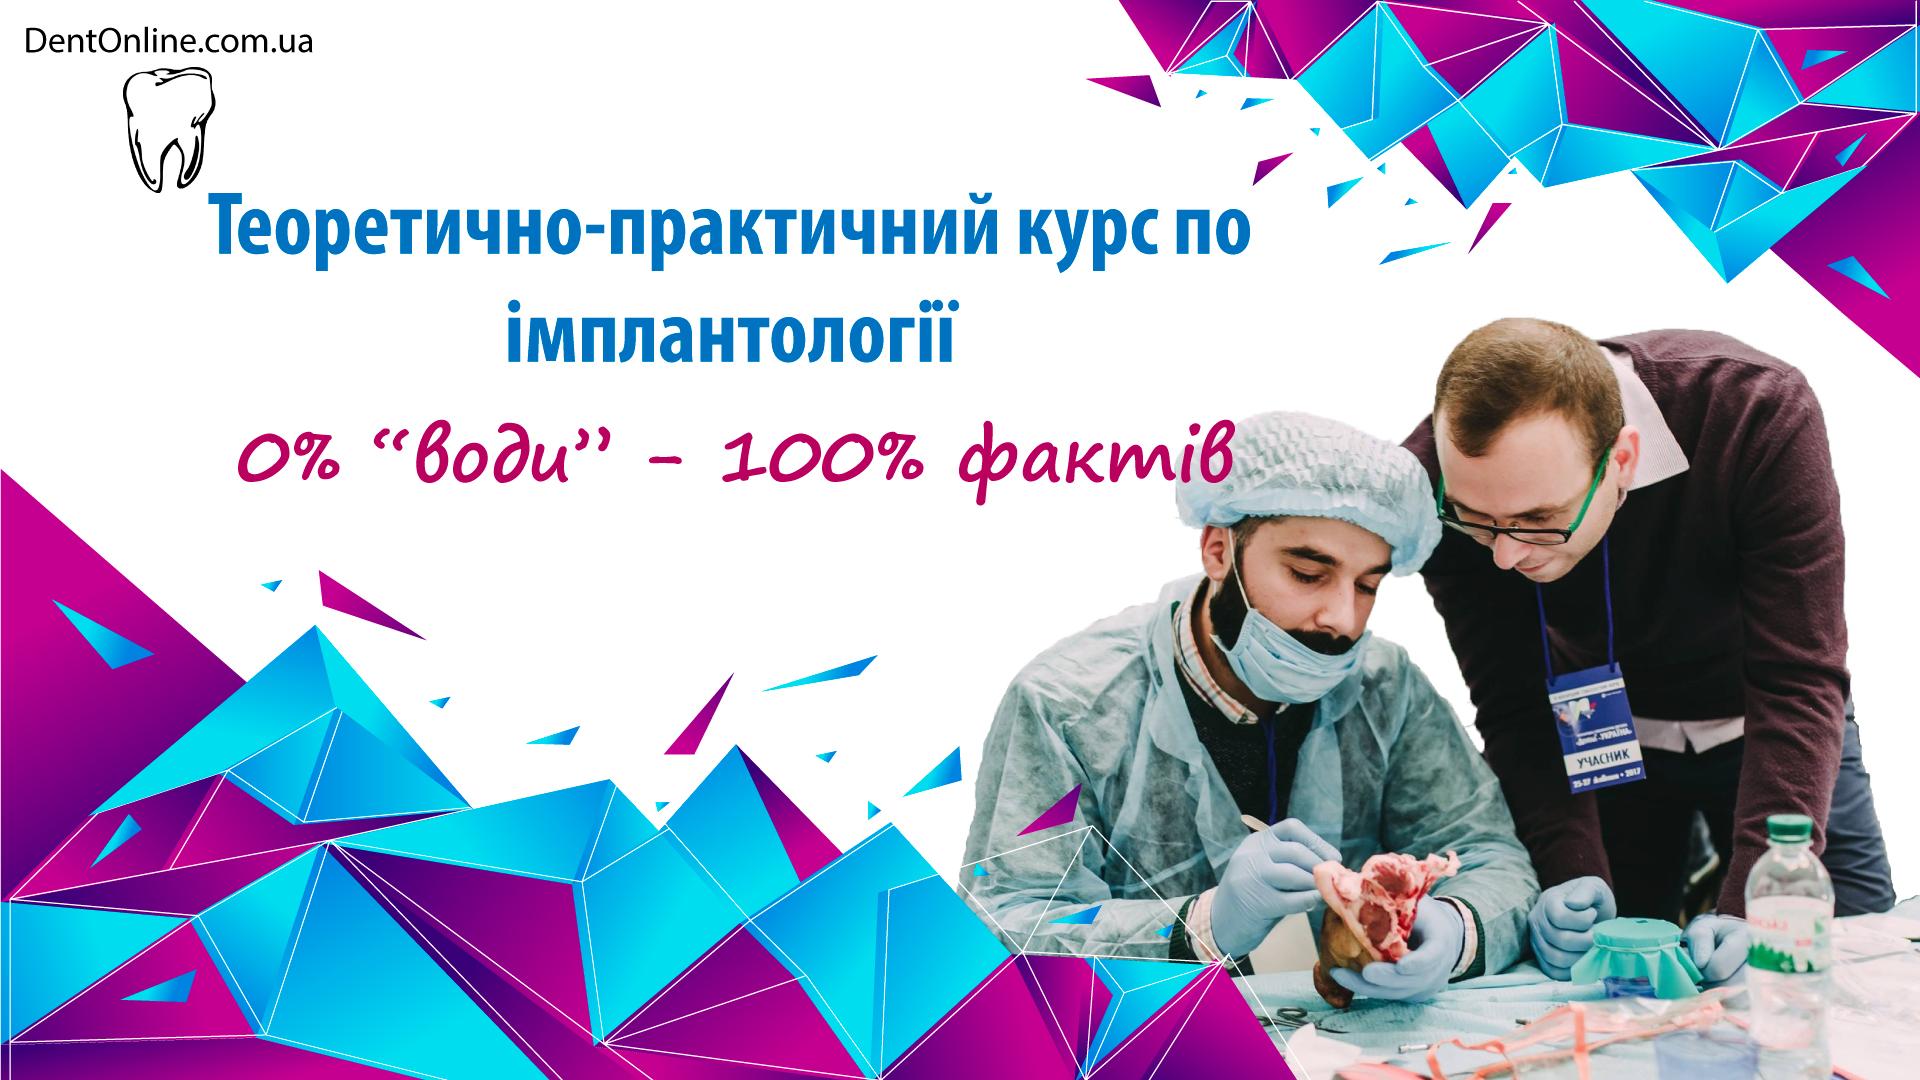 теоретично-практичний курс по імплантології